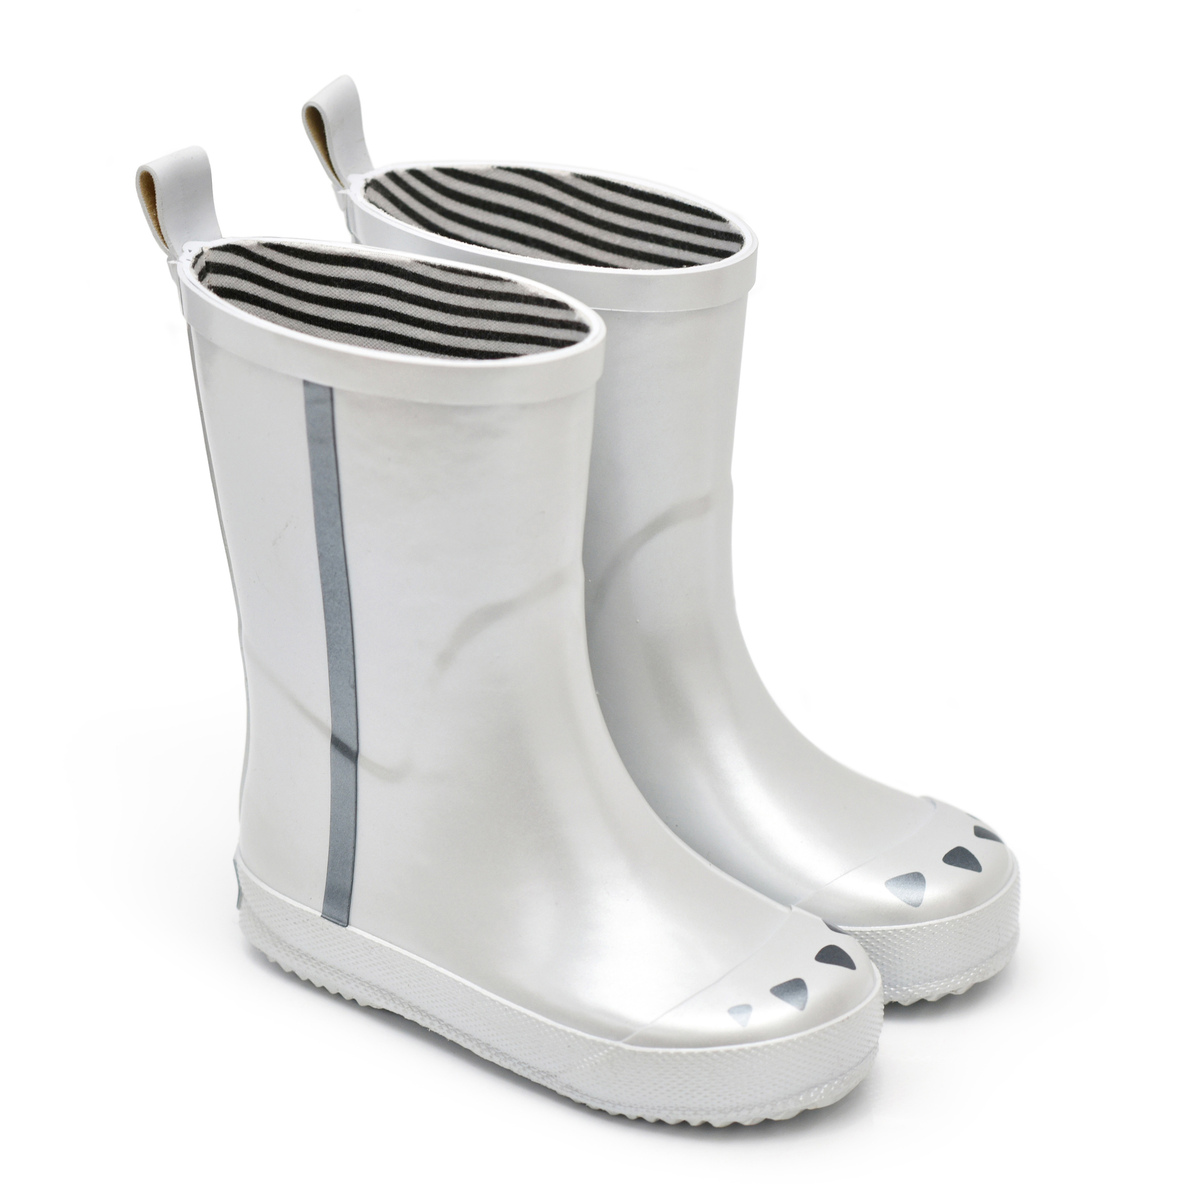 Chaussons & Chaussures Bottes Kerran Argent - 27 Bottes Kerran Argent - 27